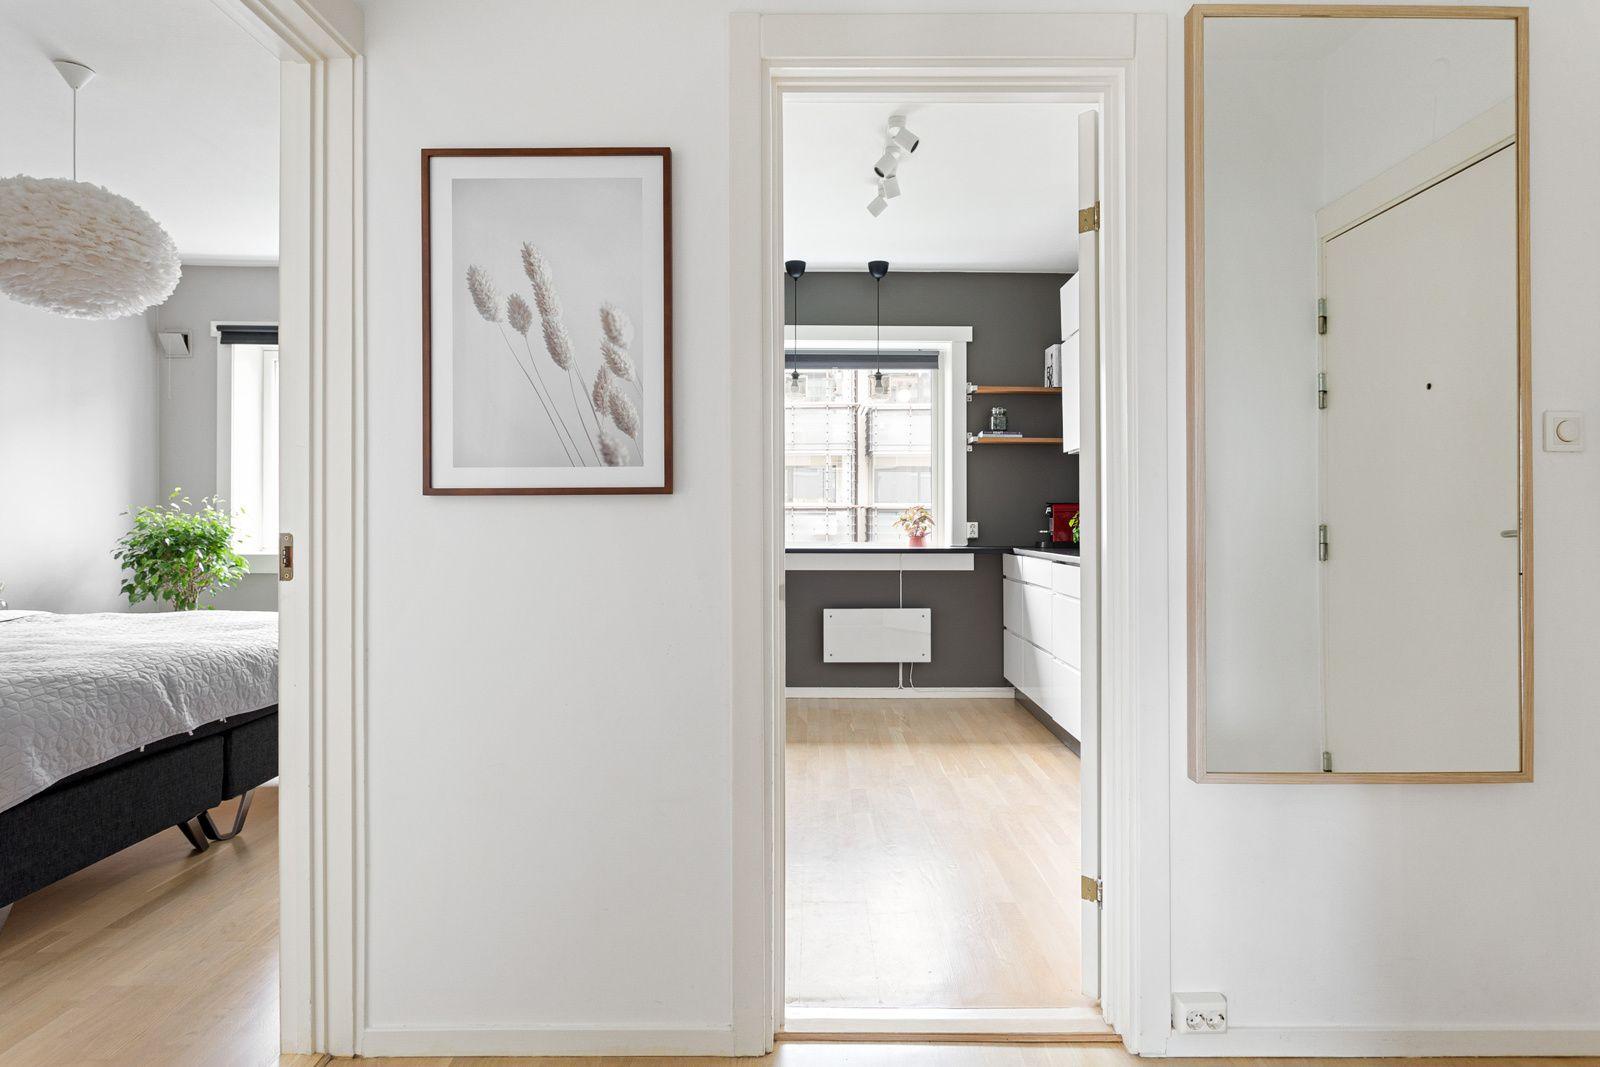 Ålesundgata 3 B Leiligheten ligger i byggets 3. etasje, og har en gjennomgående planløsning med store gode rom.